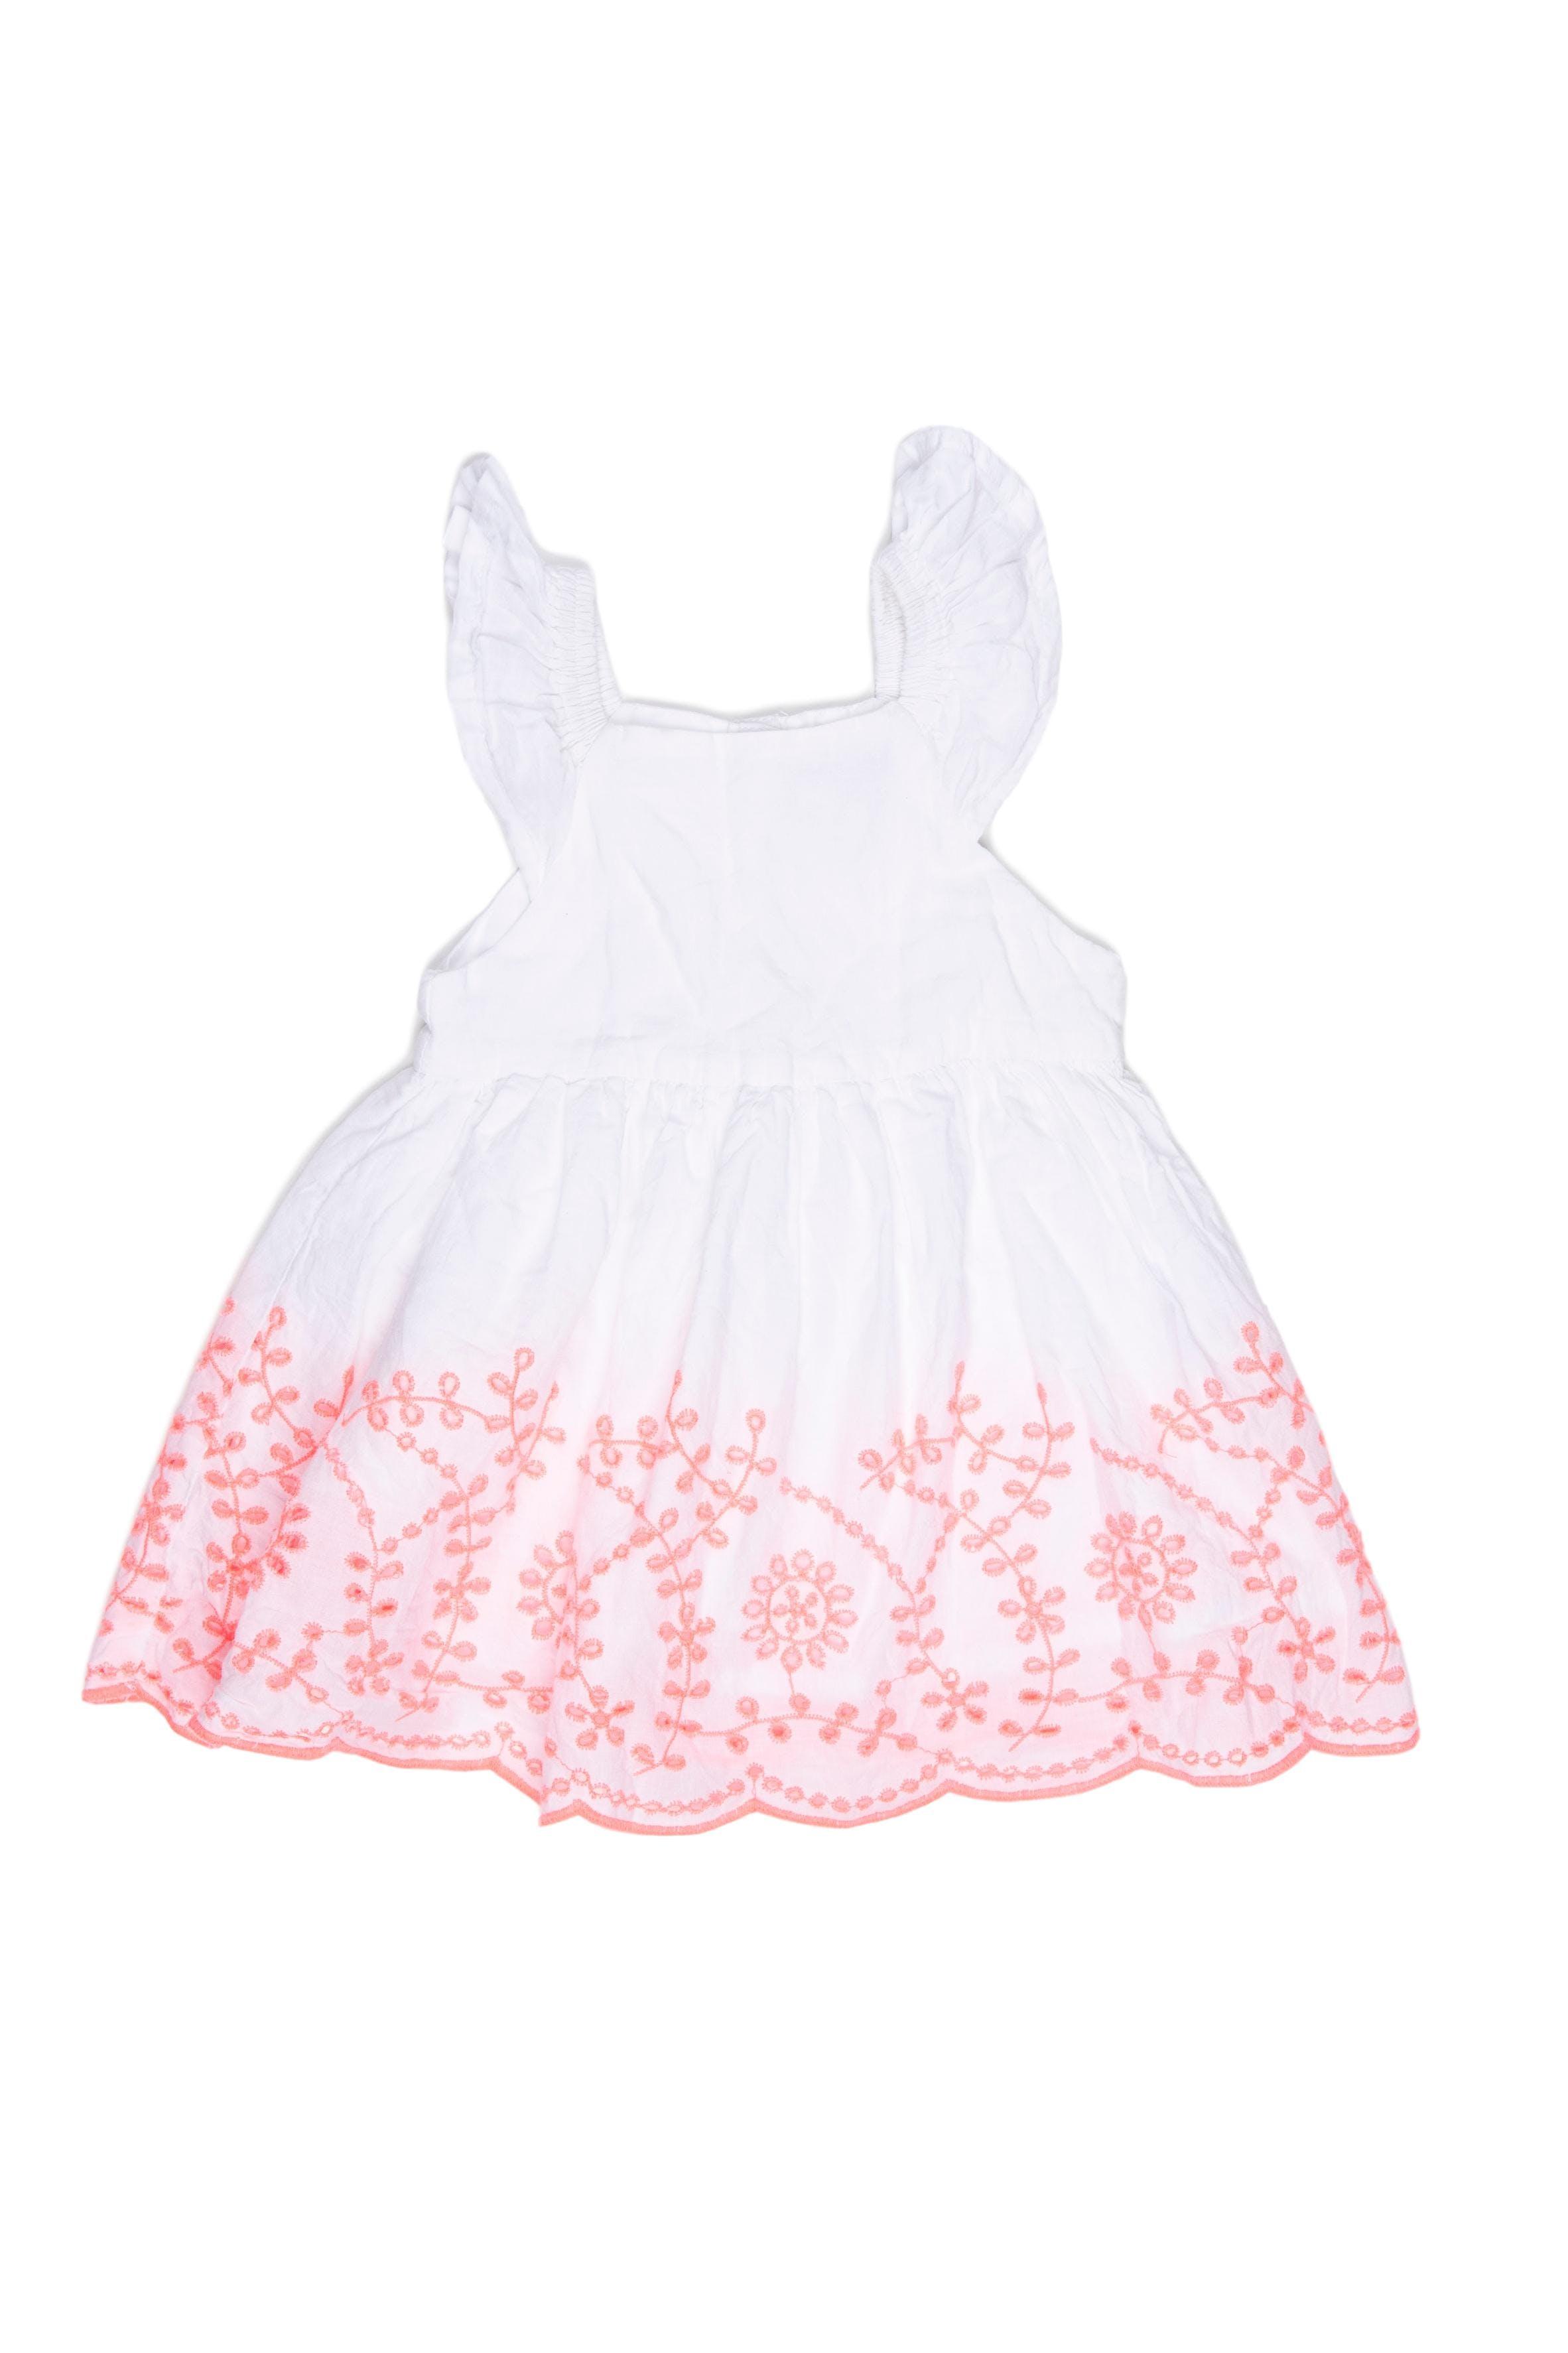 Vestido blanco con elástico en los hombros, forrado, broderie neon en la falda. 100% algodón. Talla ^M en etiqueta puede dar hasta 12 M - Cherokee